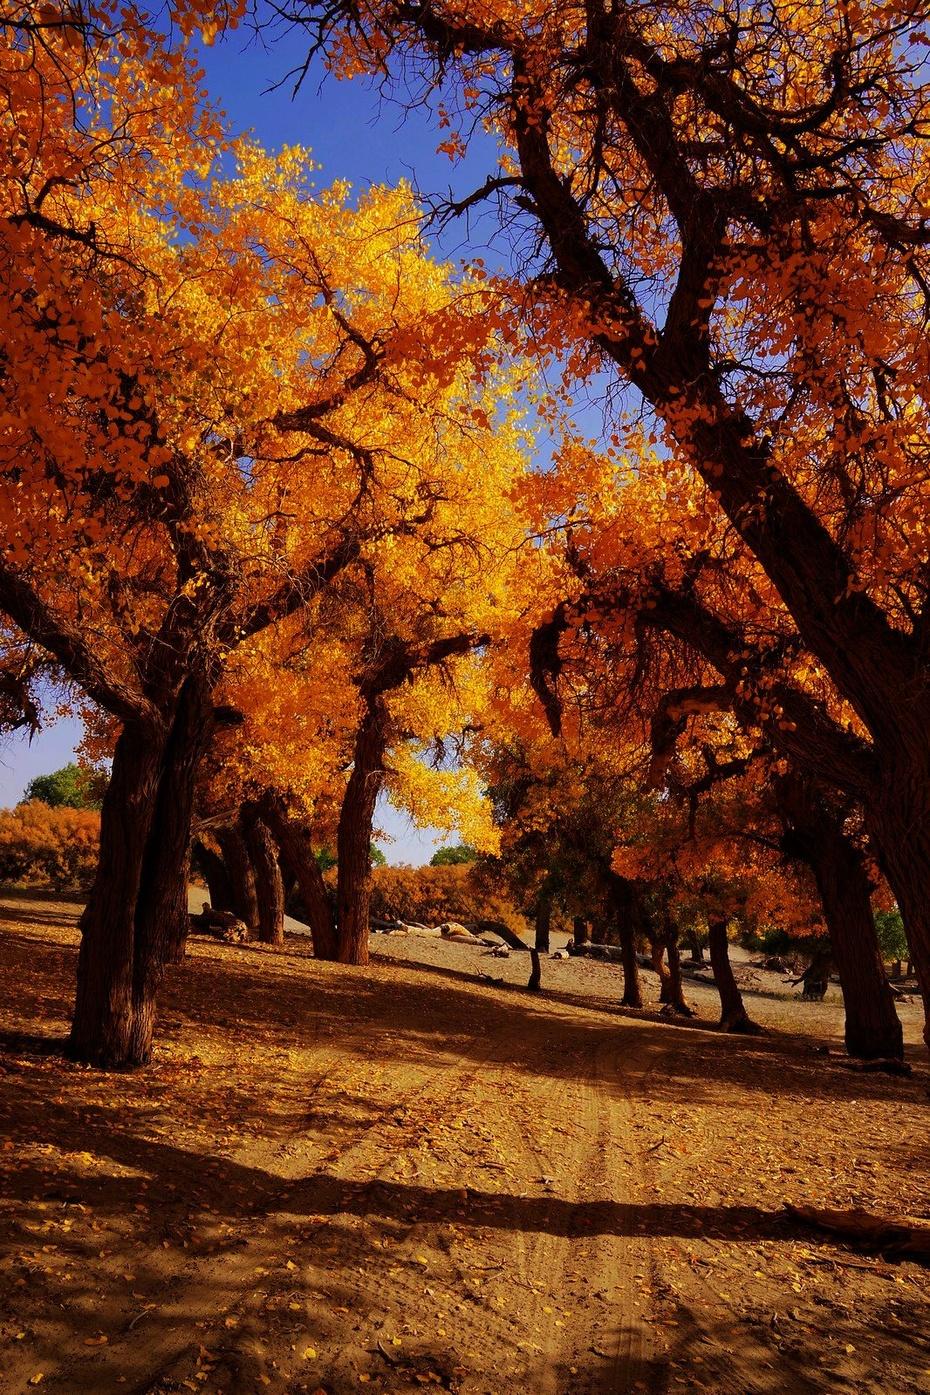 胡杨林:秋天的童话,天堂的色彩 - 余昌国 - 我的博客